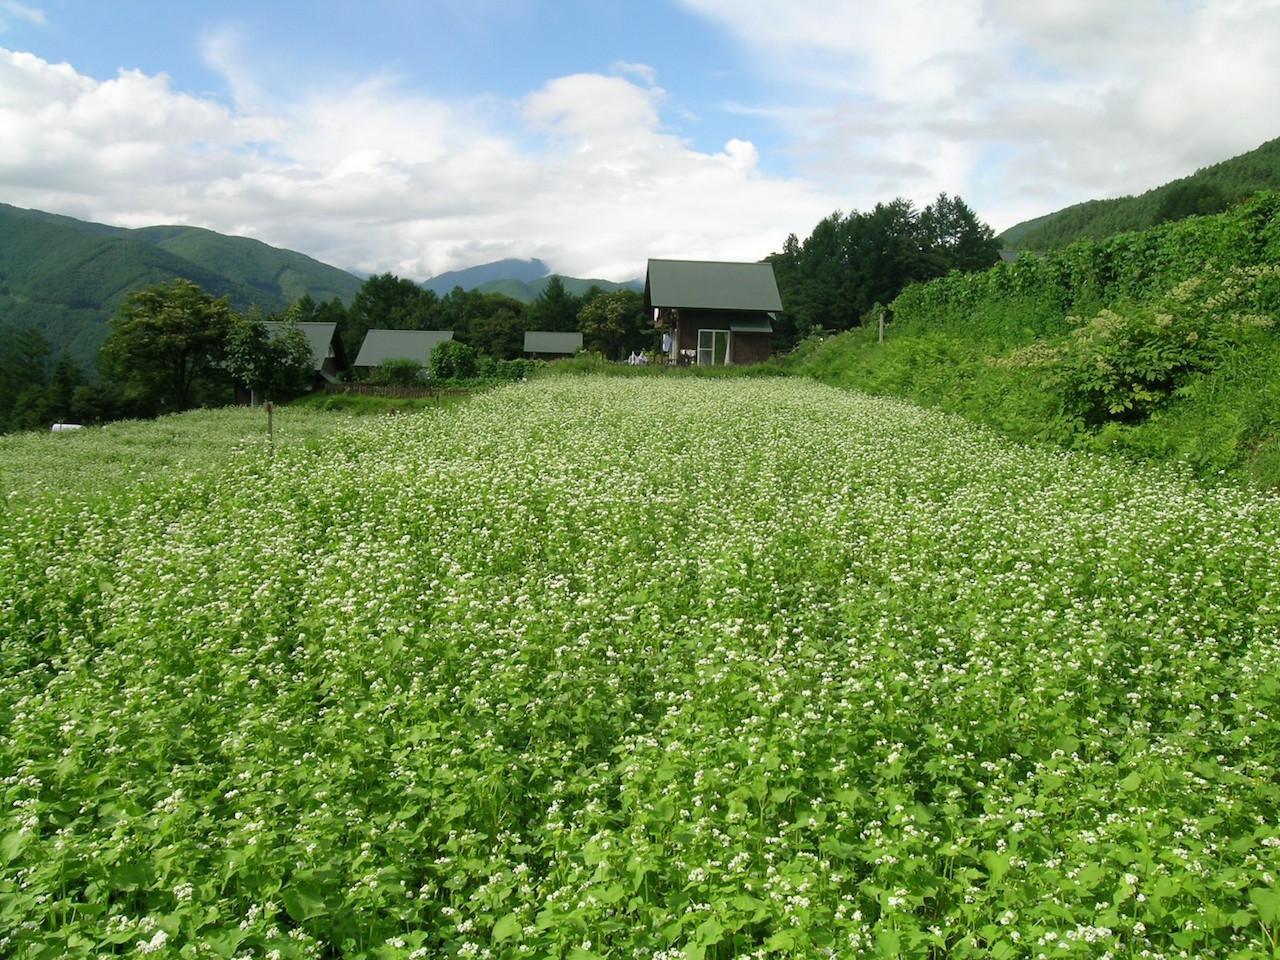 長野県 そば畑(奈川)